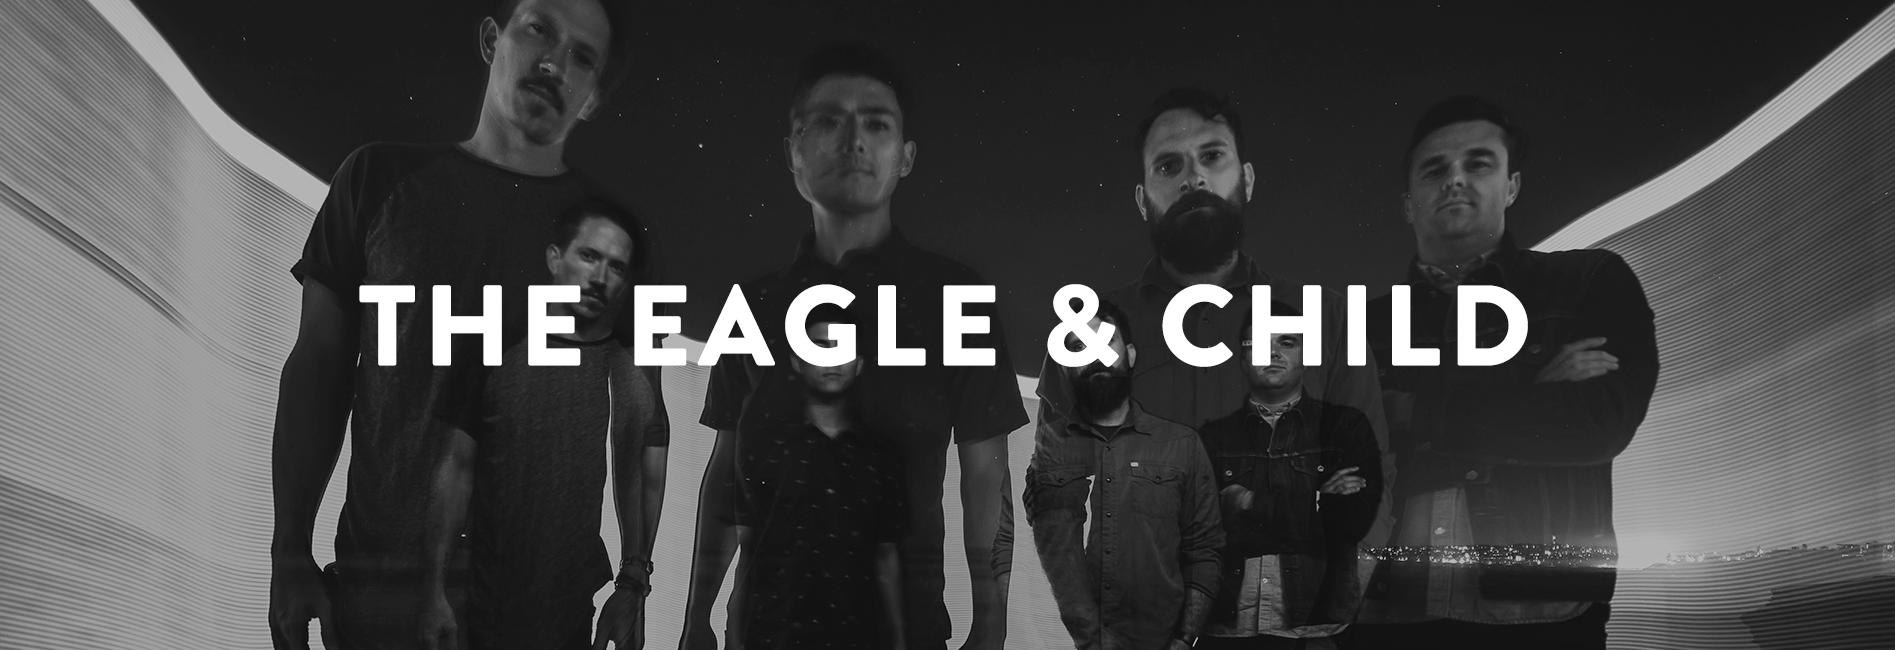 Eagle Child Banner.png